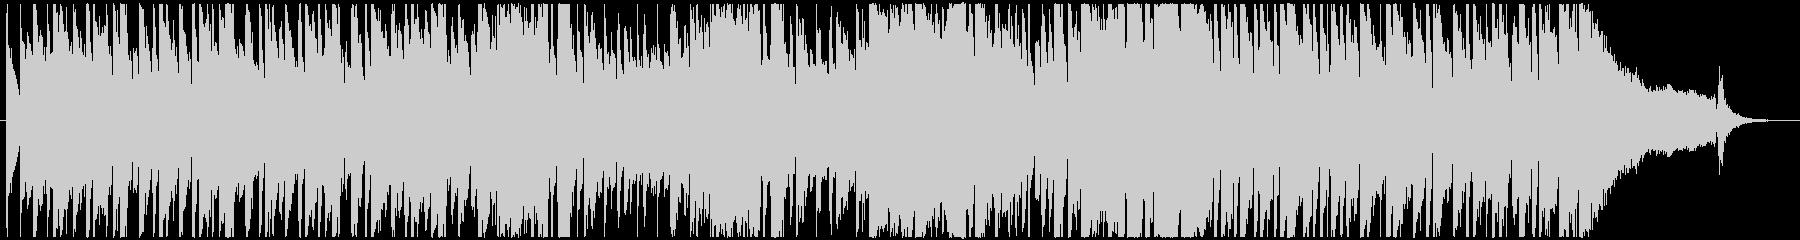 60年代風のローファイなピアノロックの未再生の波形